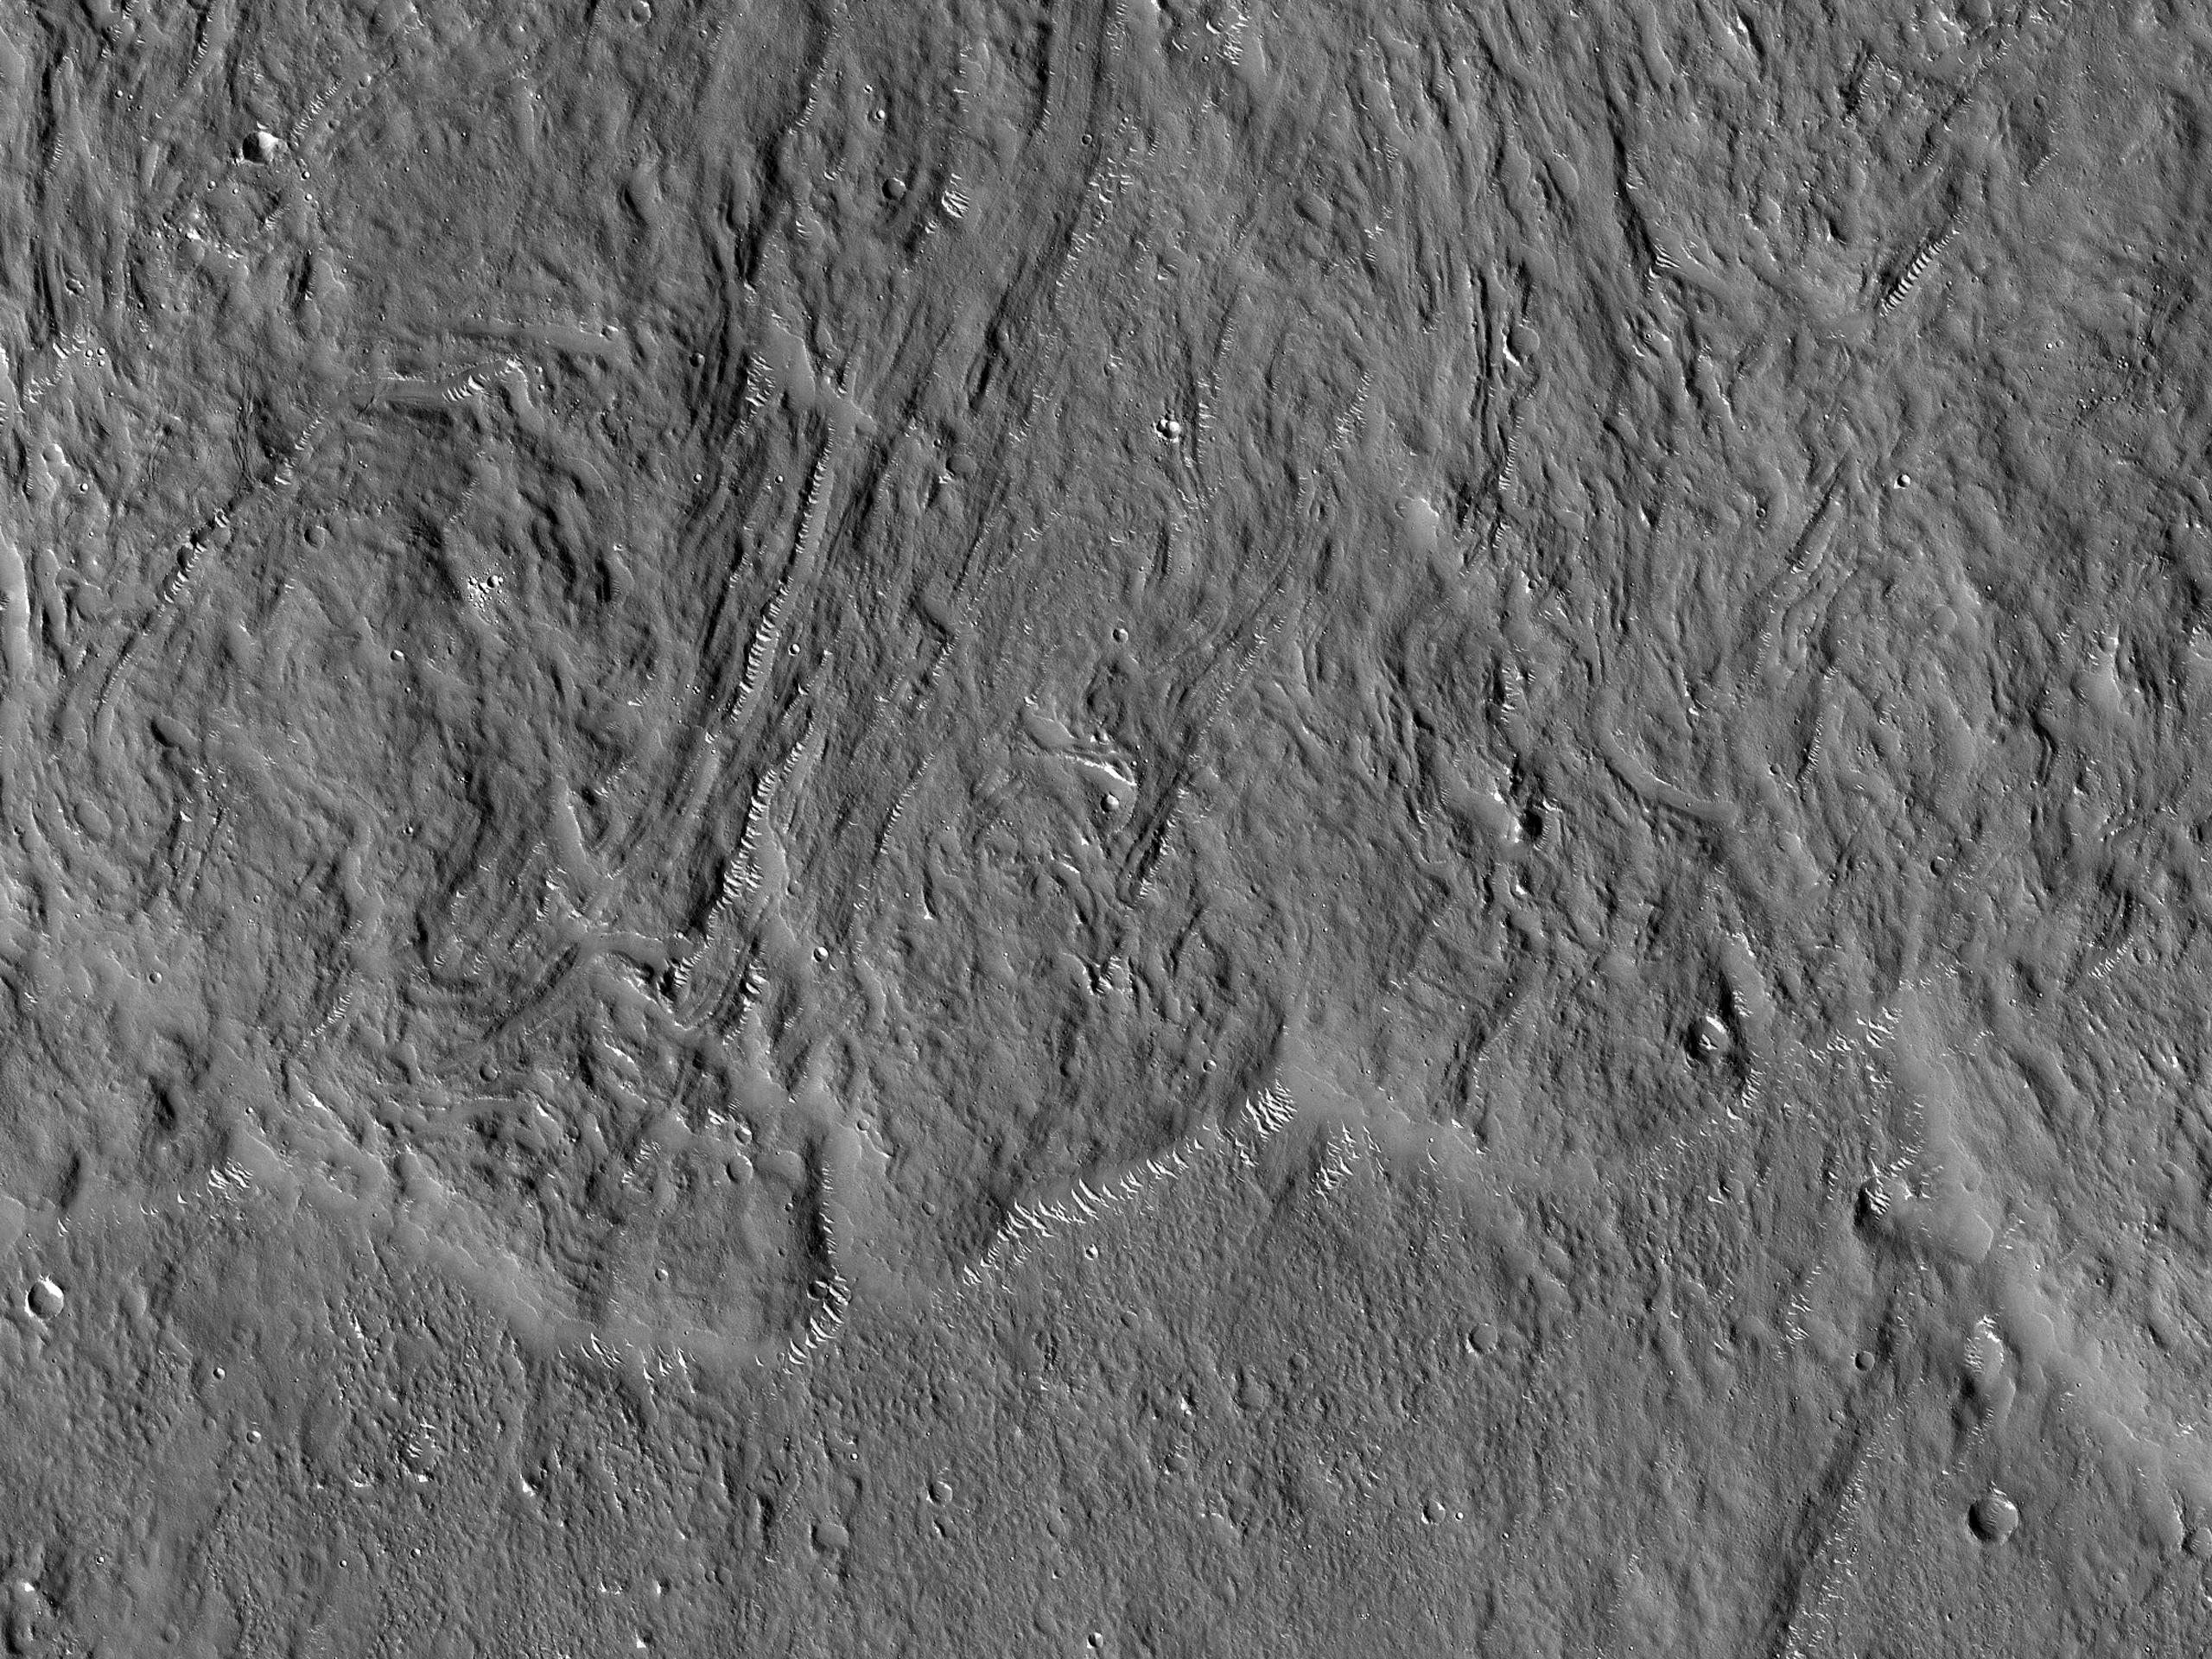 Margine distale dello strato di materiale espulso dal cratere Bacolor